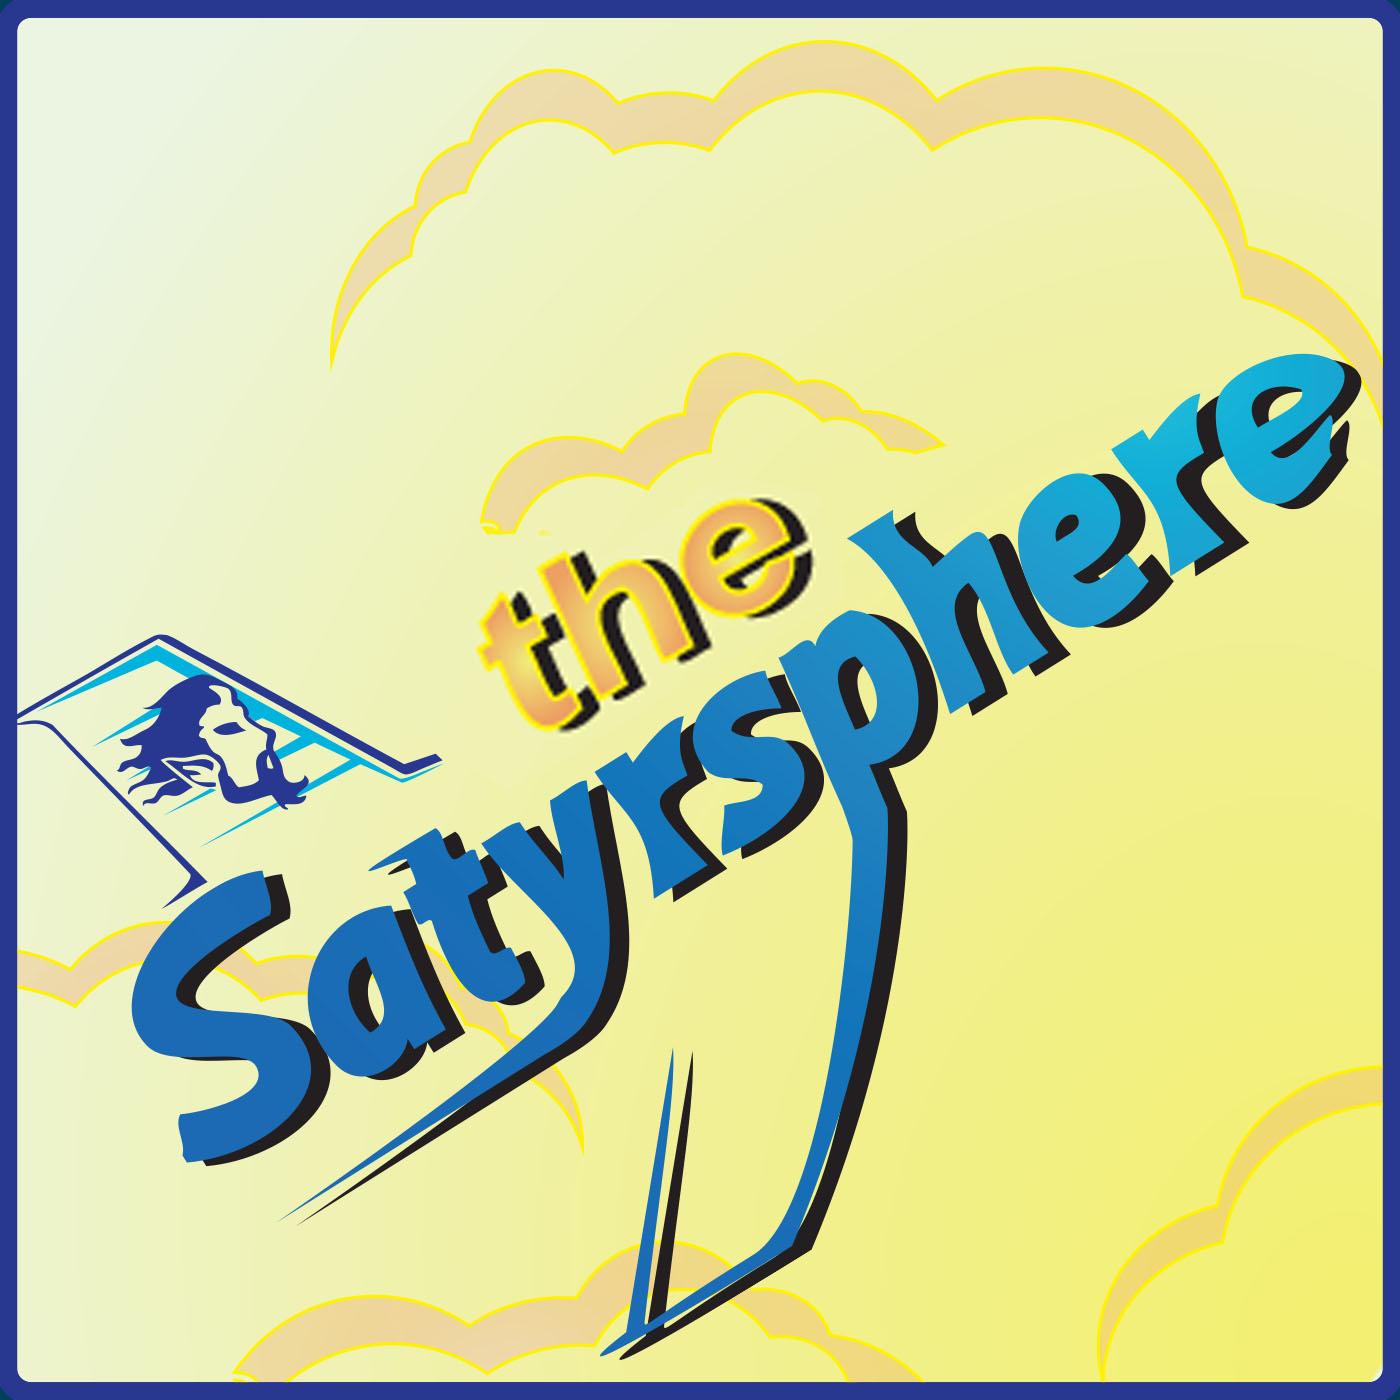 #172 - McSatyrsphere